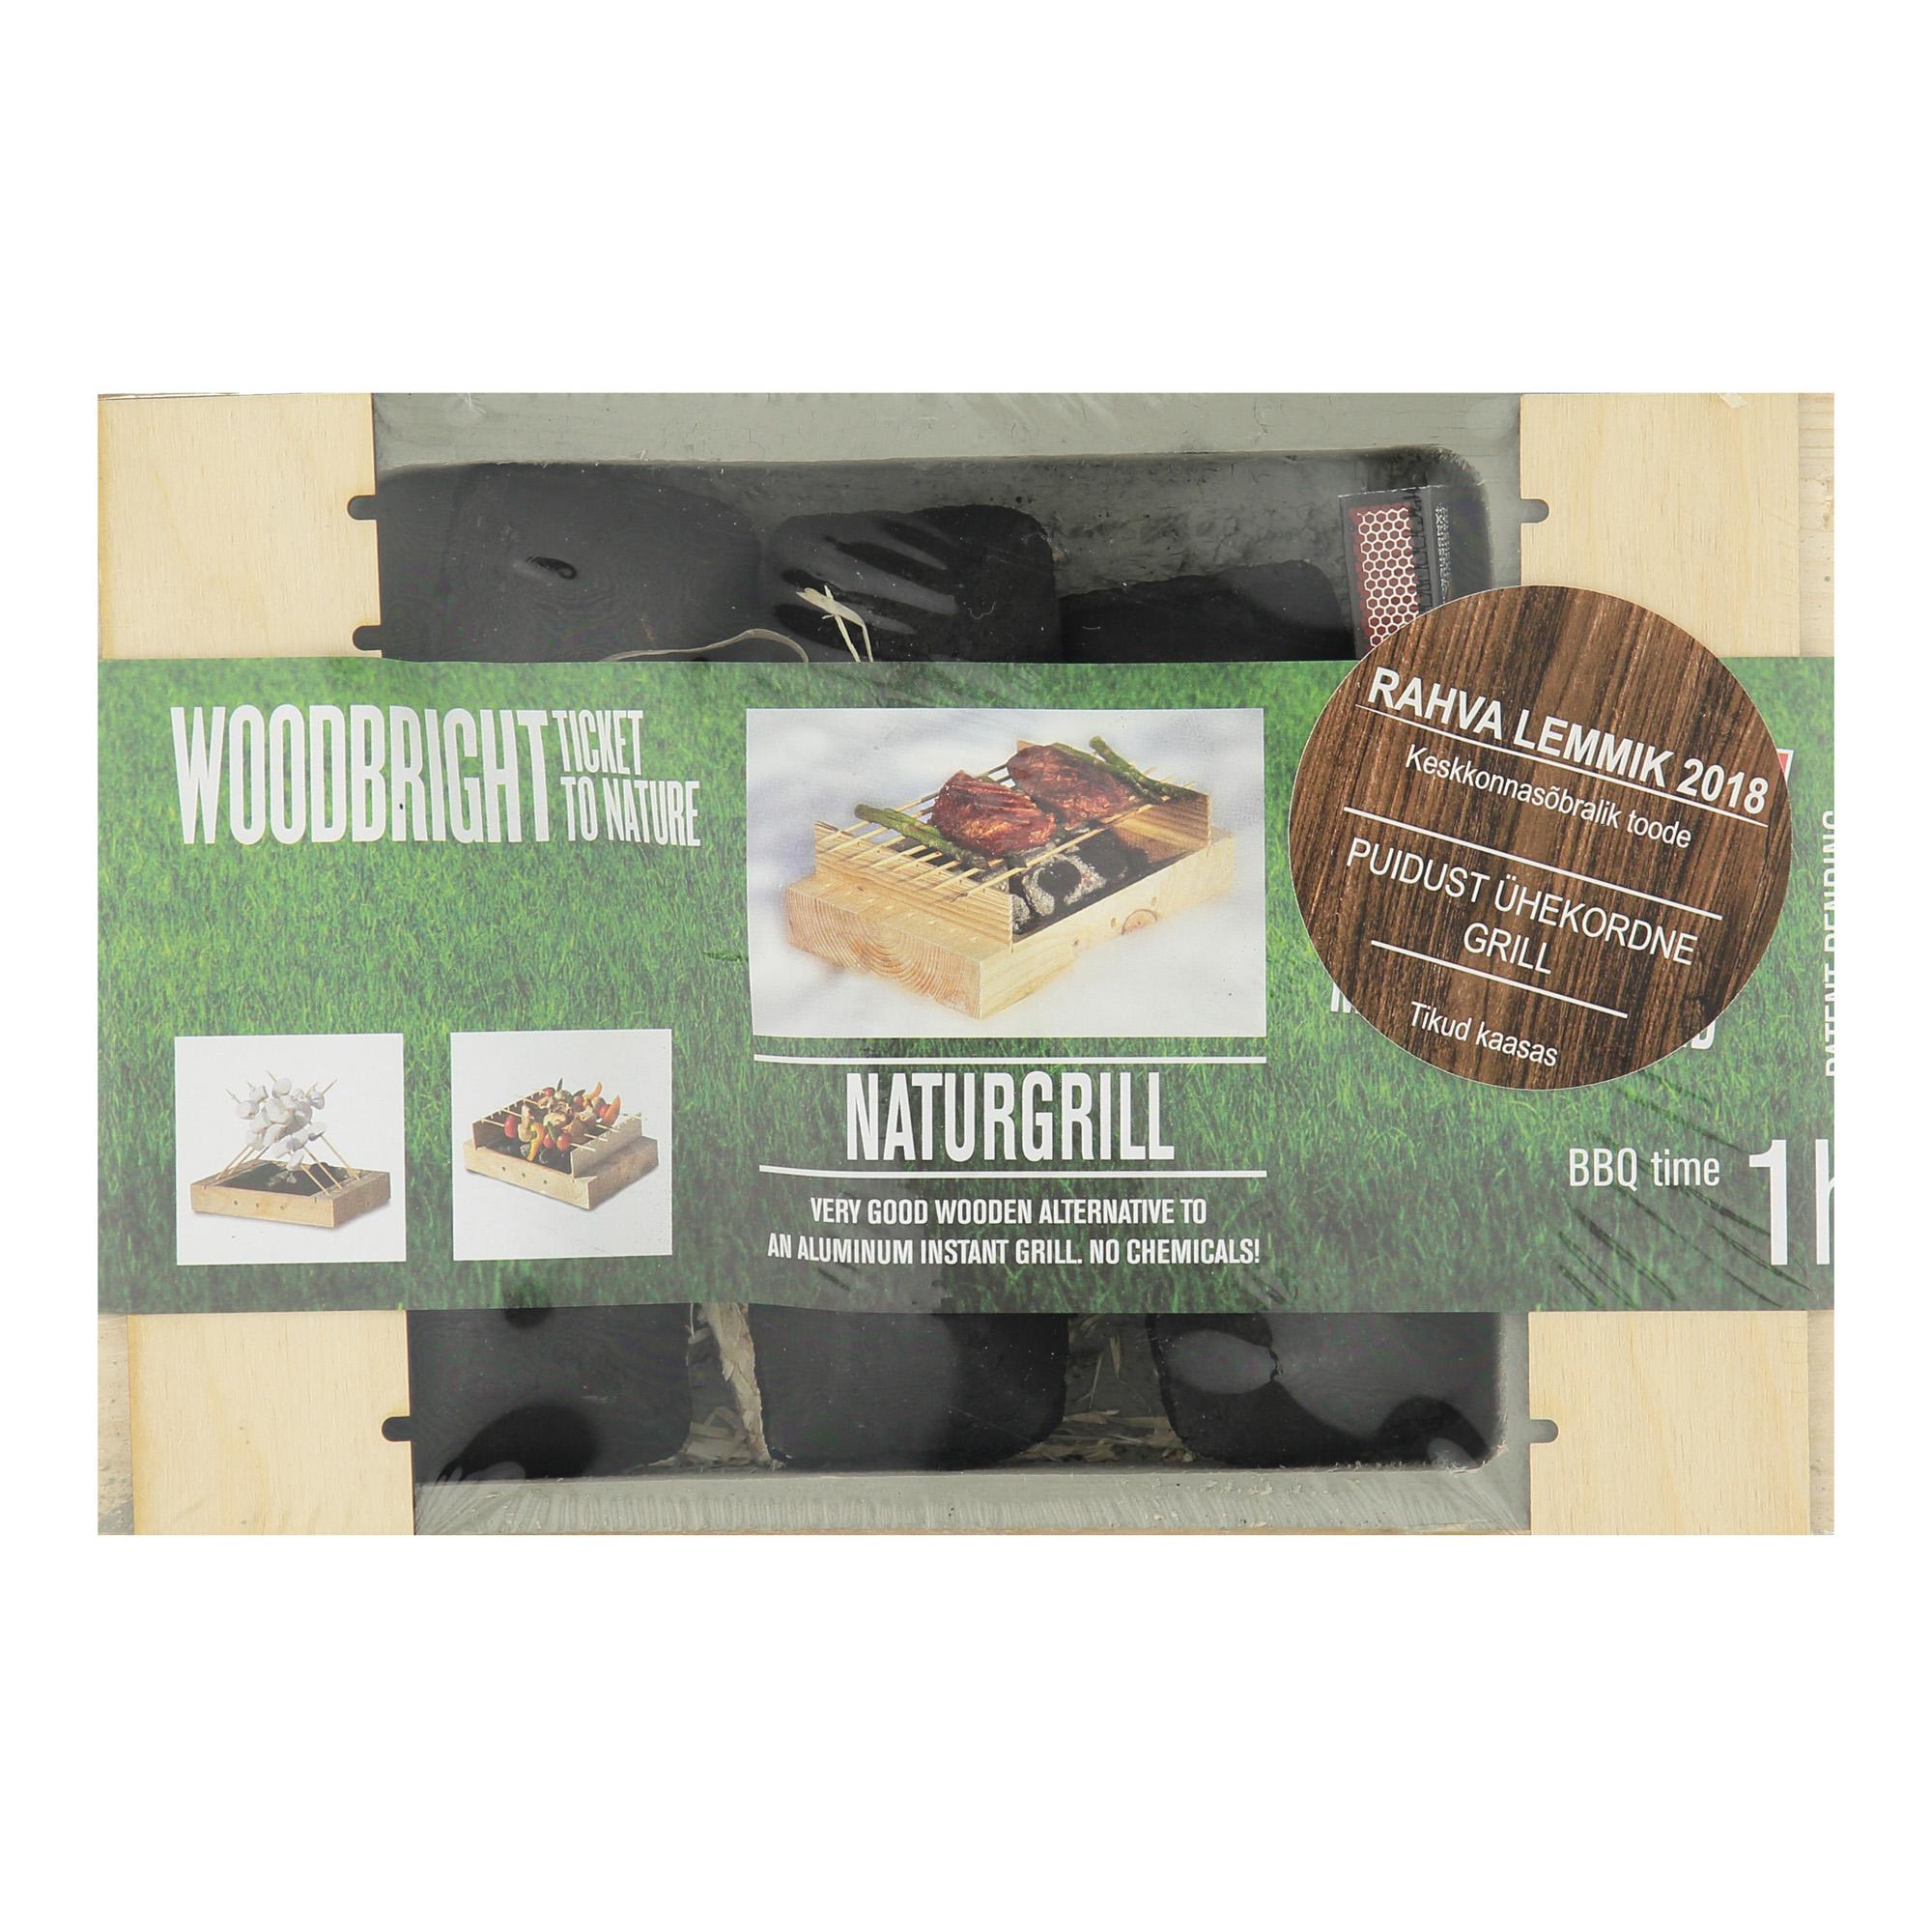 e508e421675 NaturGrill - Ühekordne puidust kiirgrill - Toidu valmistamise ja ...